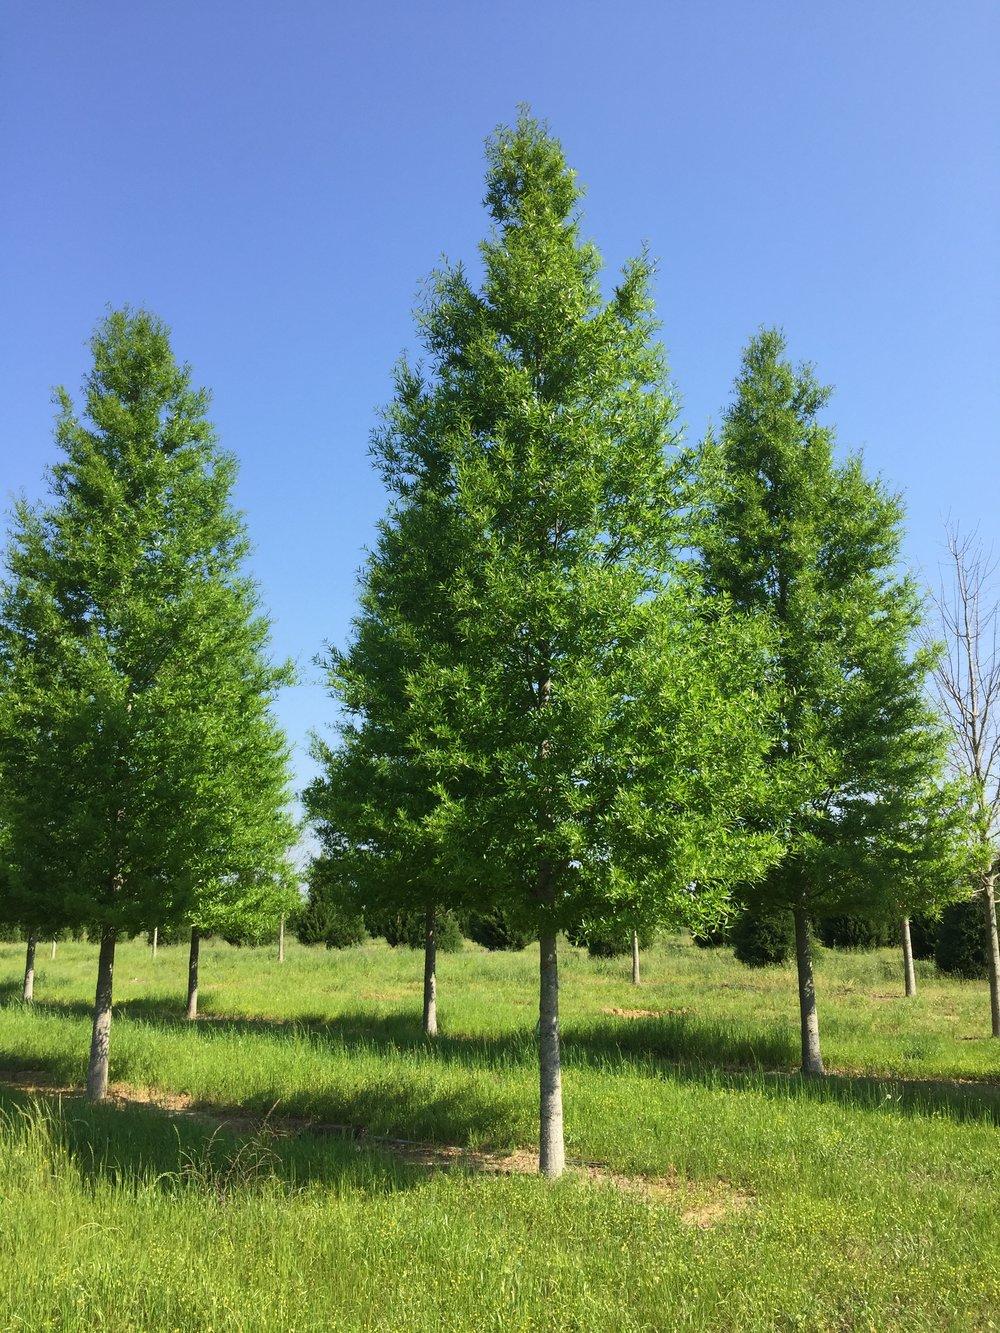 Kingpin-Willow-Oak-Quercus-phellos-row.jpg